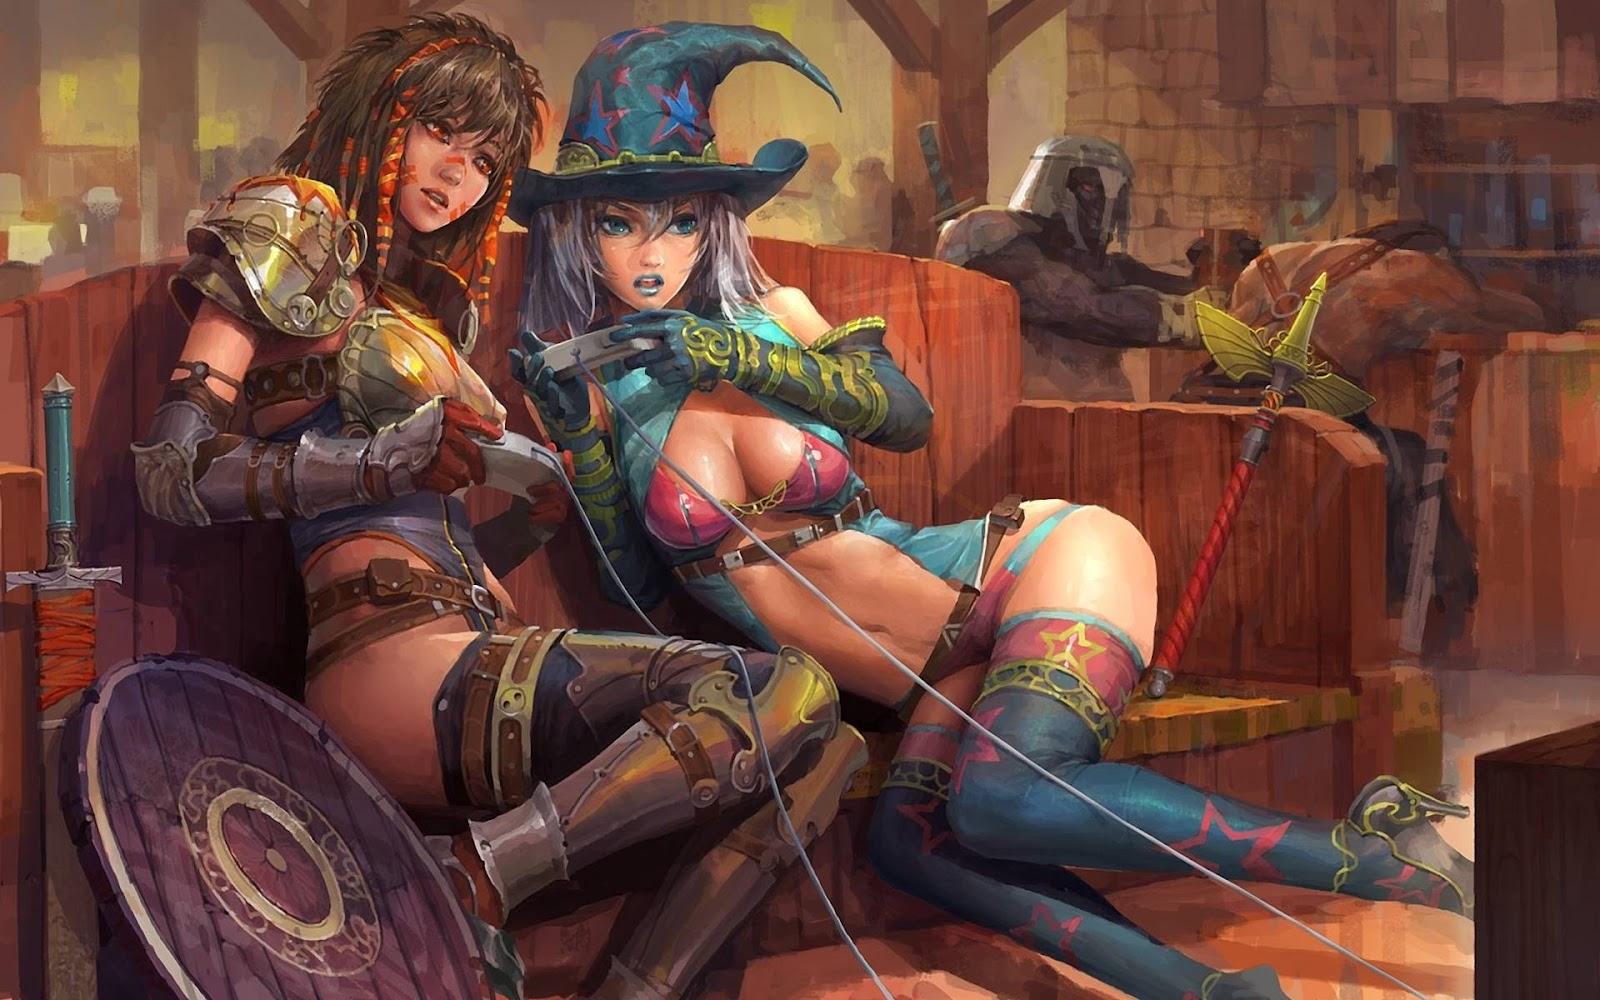 http://4.bp.blogspot.com/-M6AvFAhR0PY/UFGE76uqVKI/AAAAAAAAKAs/9E0-GEB0bBE/s1600/Chicas+Gamerz+%5B+Wallpaper+HD+%5D.jpg